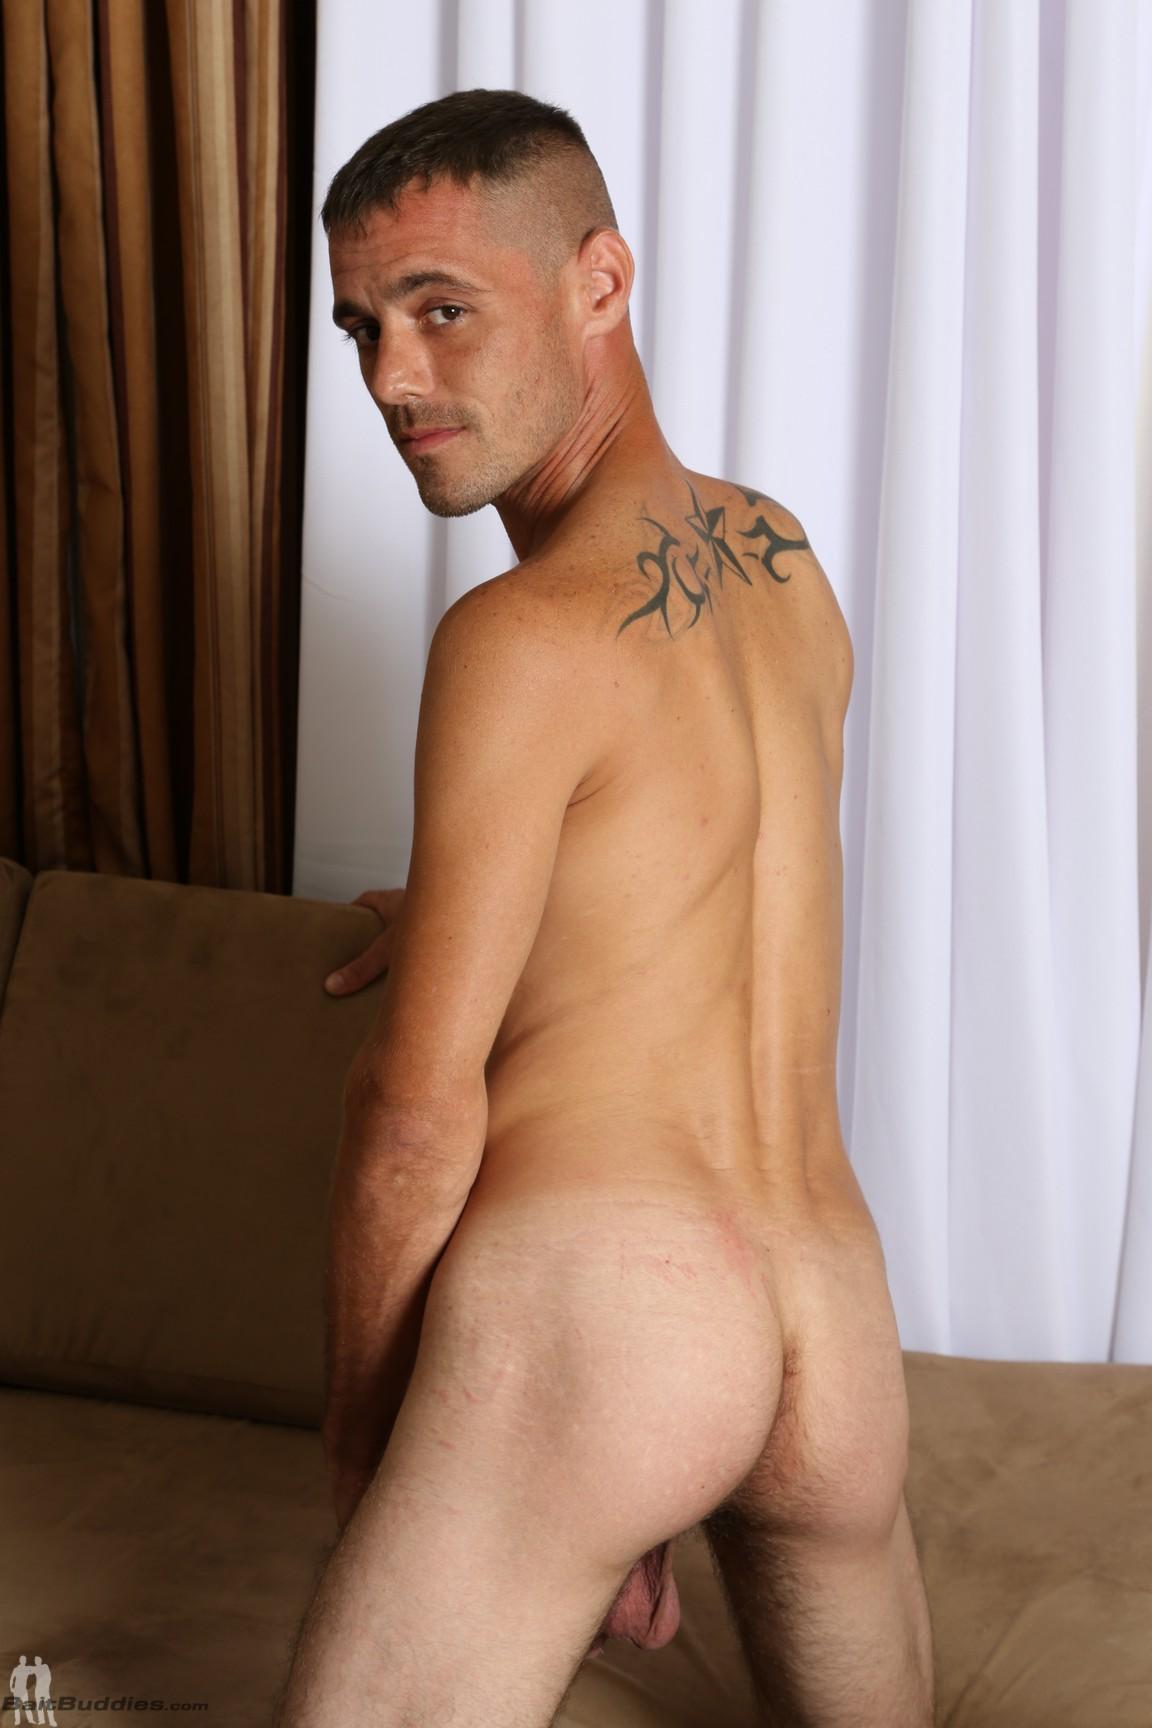 brett bradley gay video